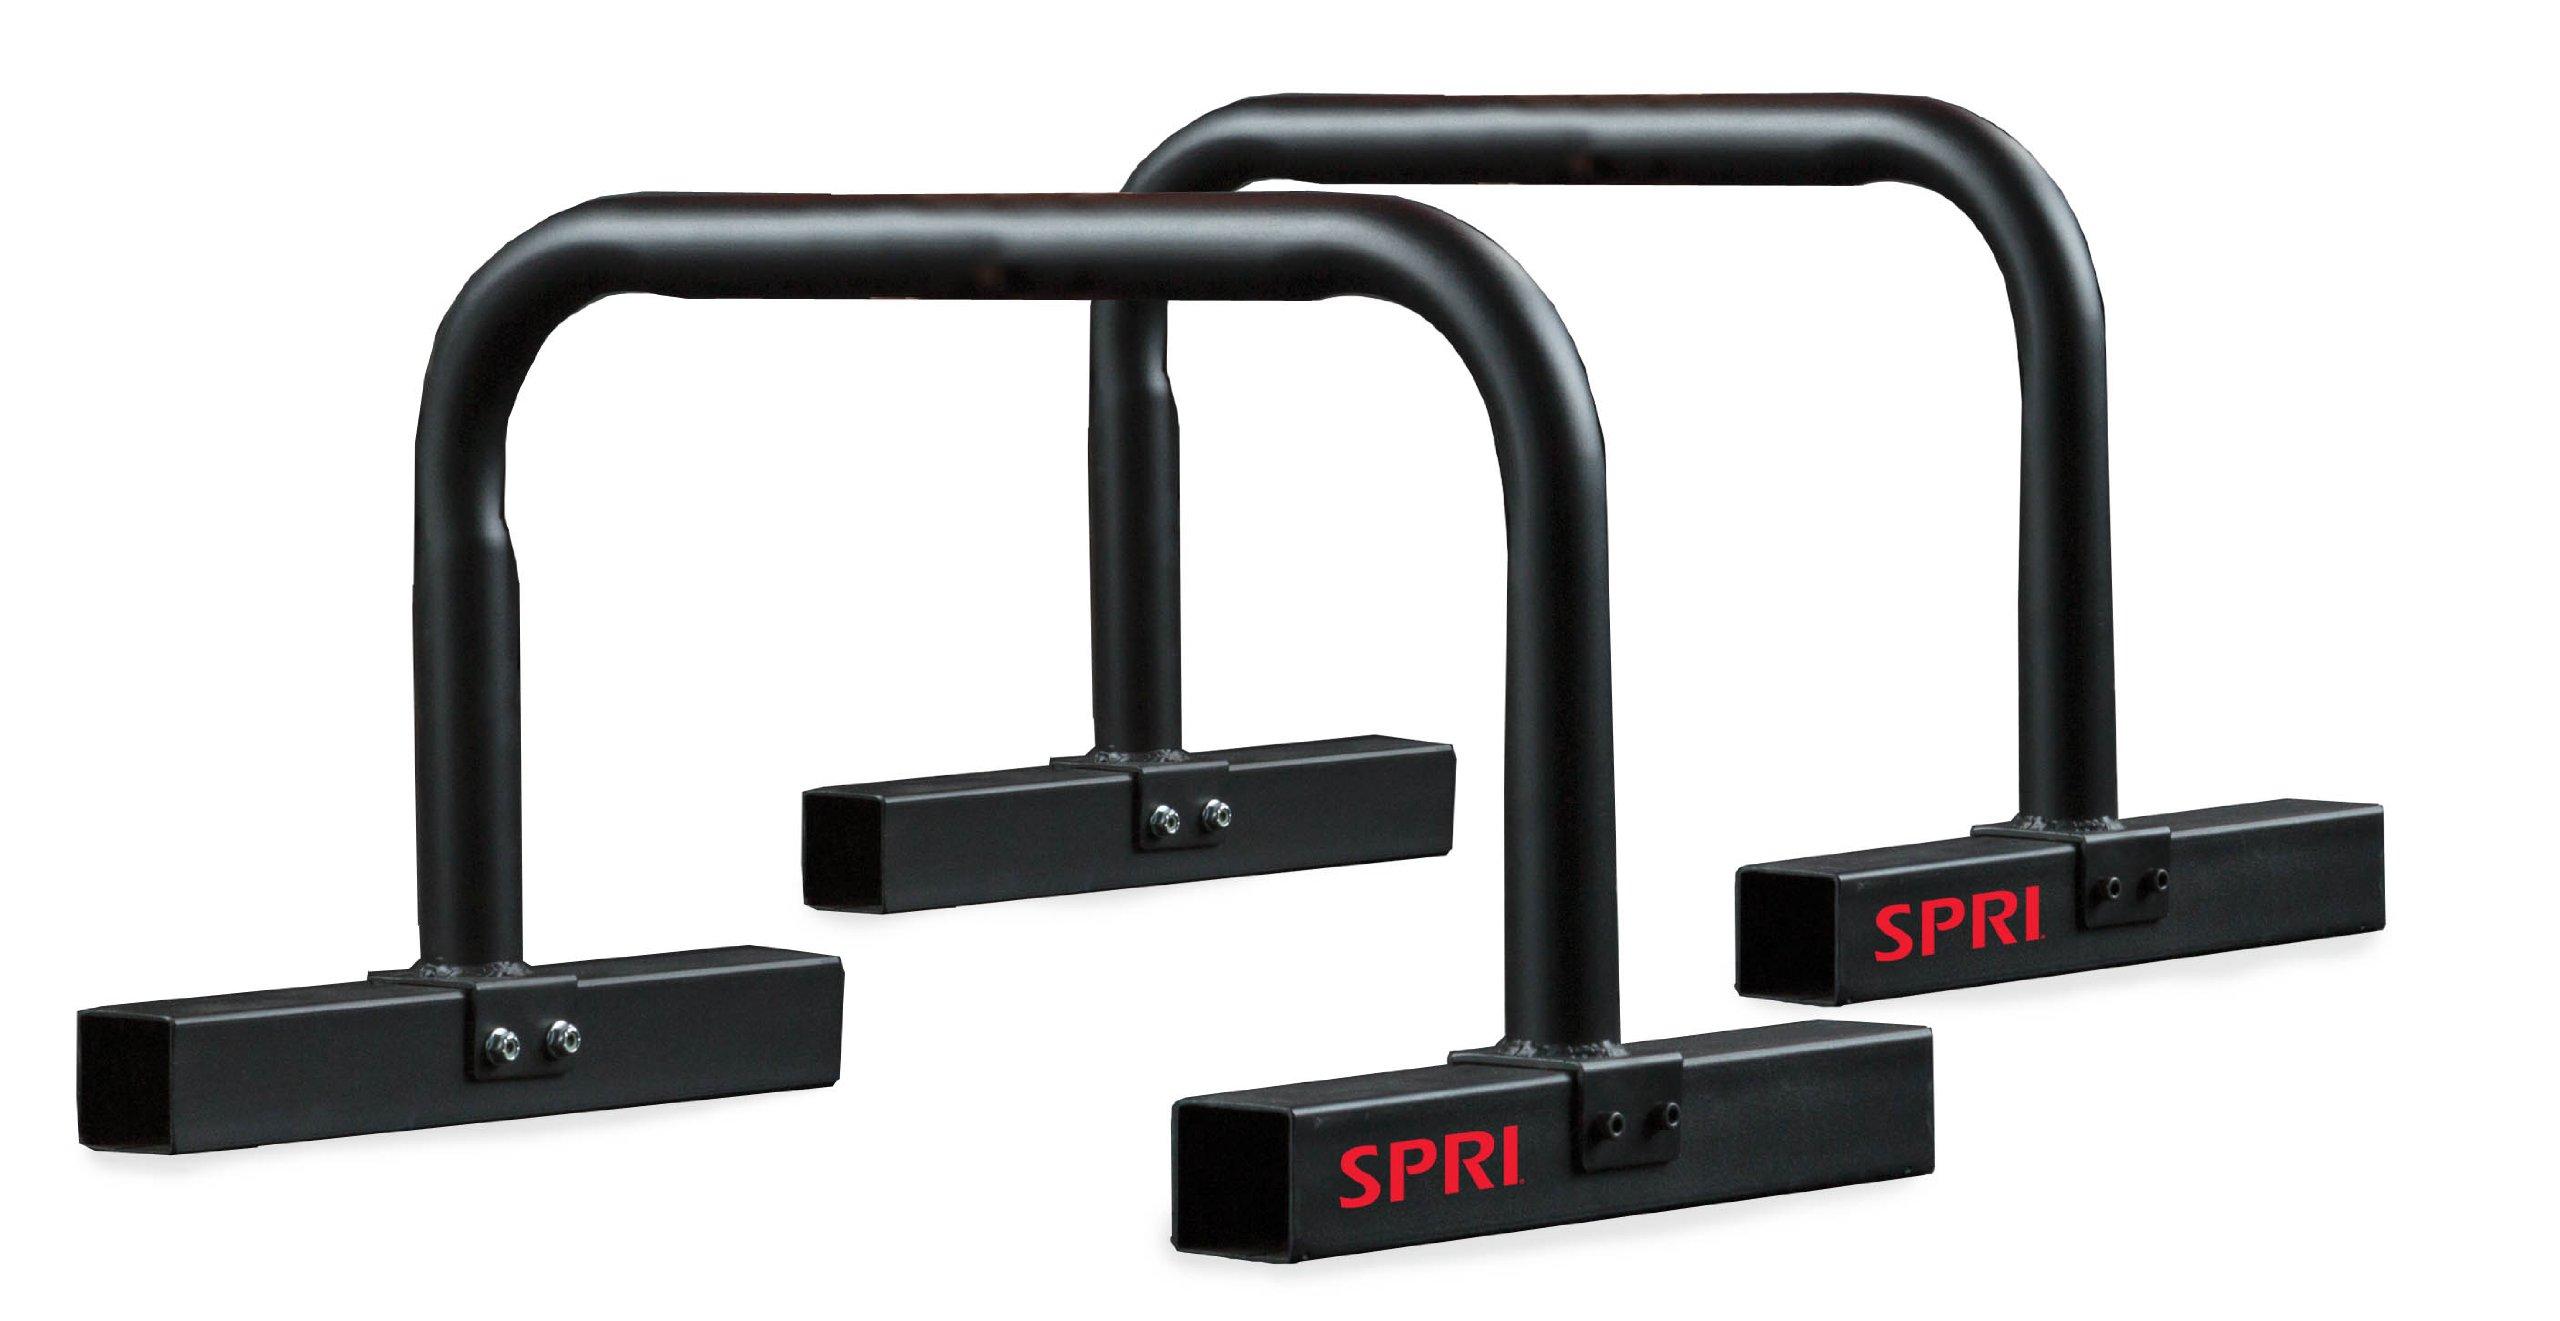 SPRI Fitness Parallettes by SPRI